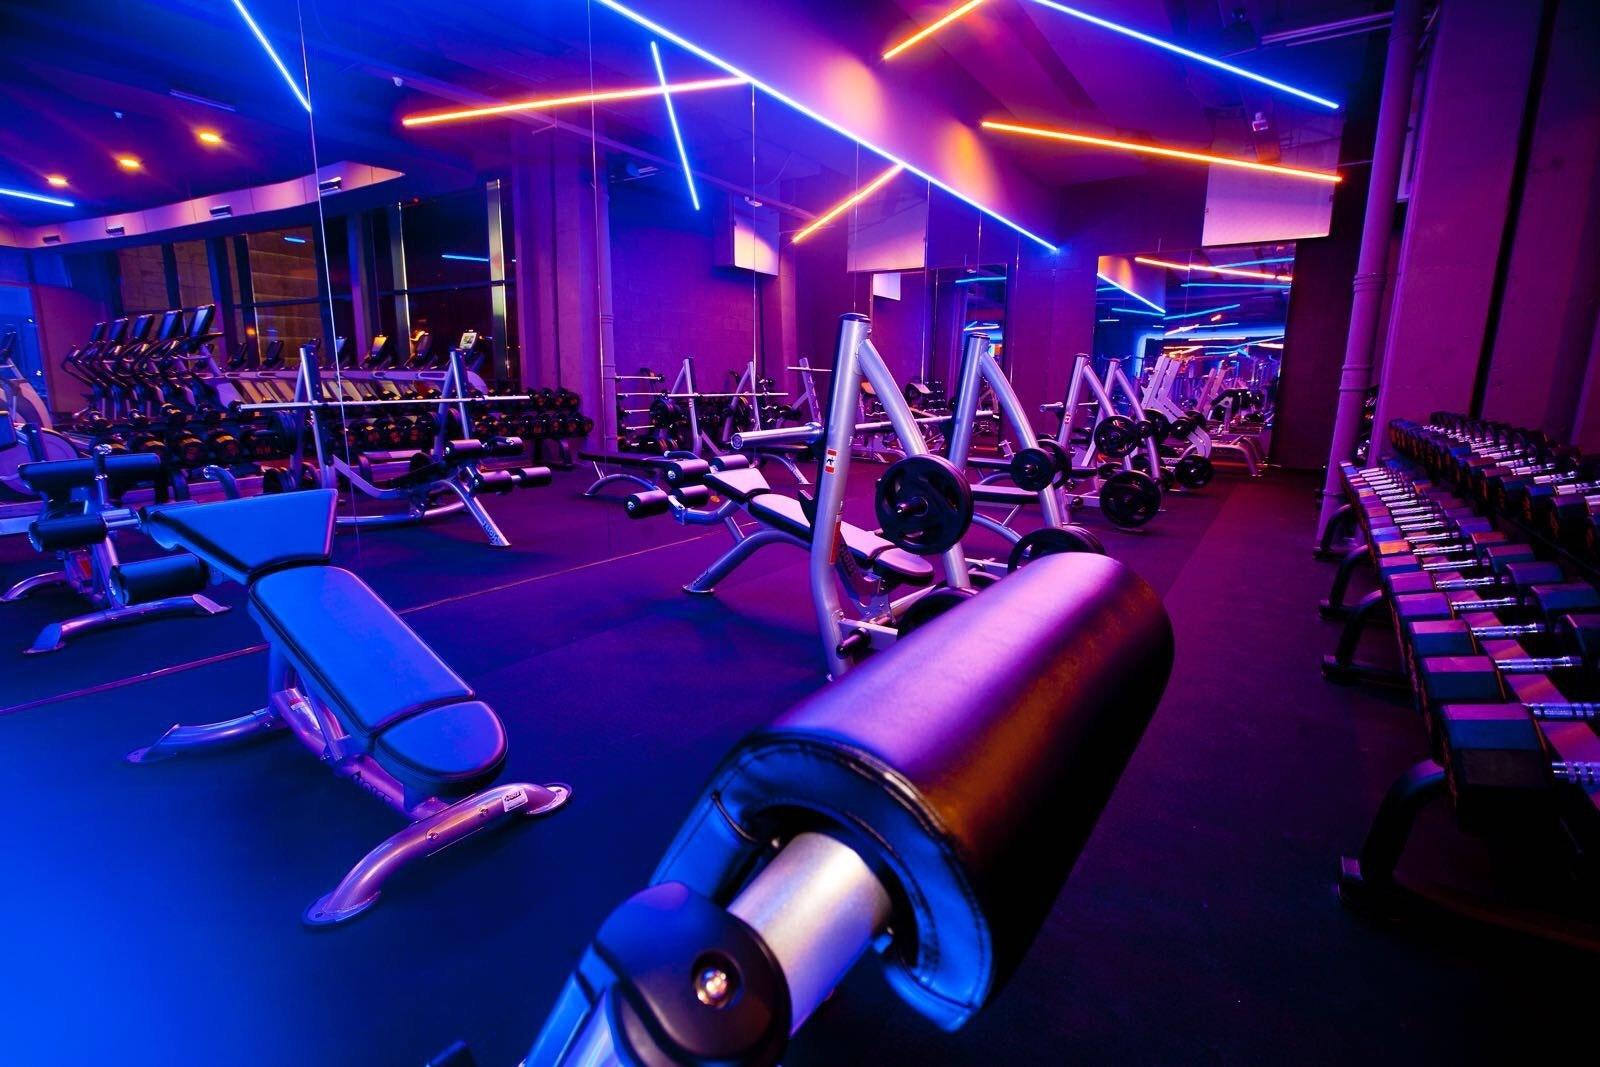 Foto 1 Oferta Rock gym A Coruña A Coruña {2} - GymForLess